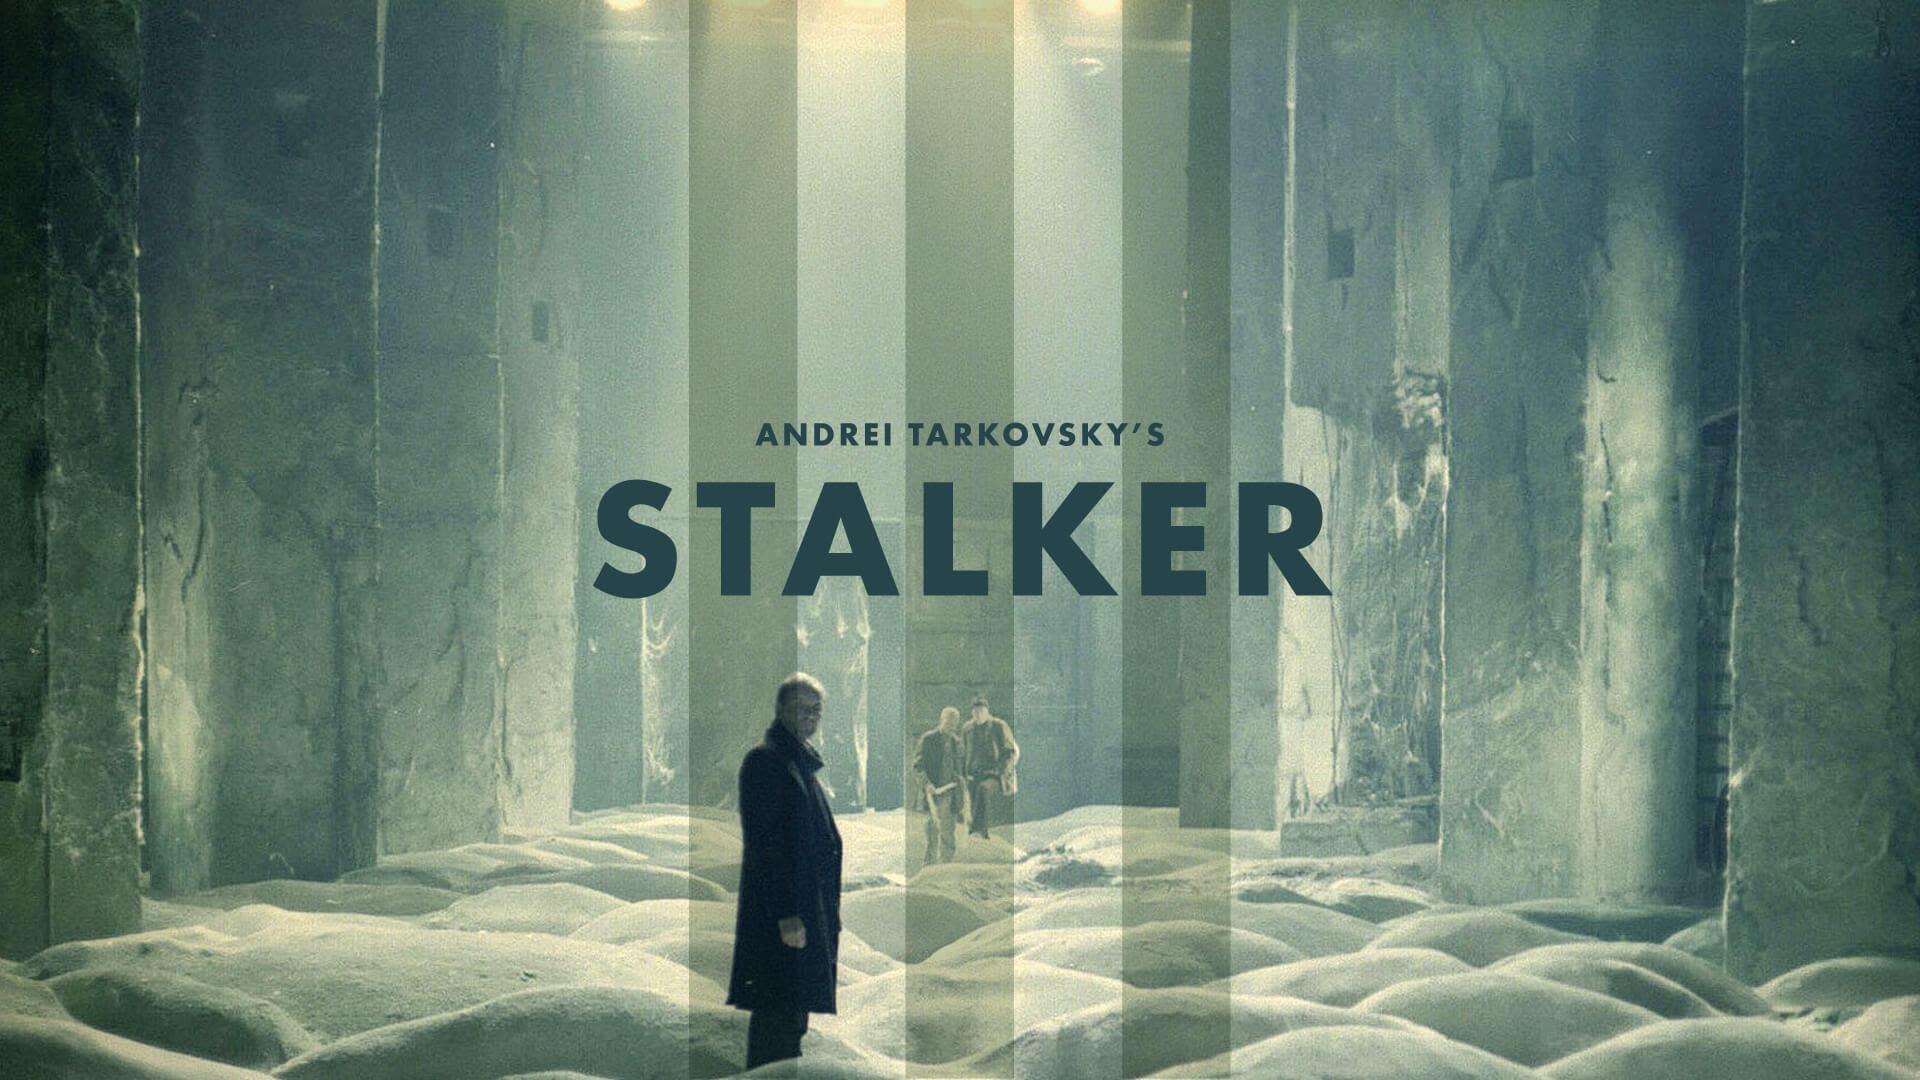 Δωρεάν κινηματογραφικές προβολές στο σπίτι: Στάλκερ (video)